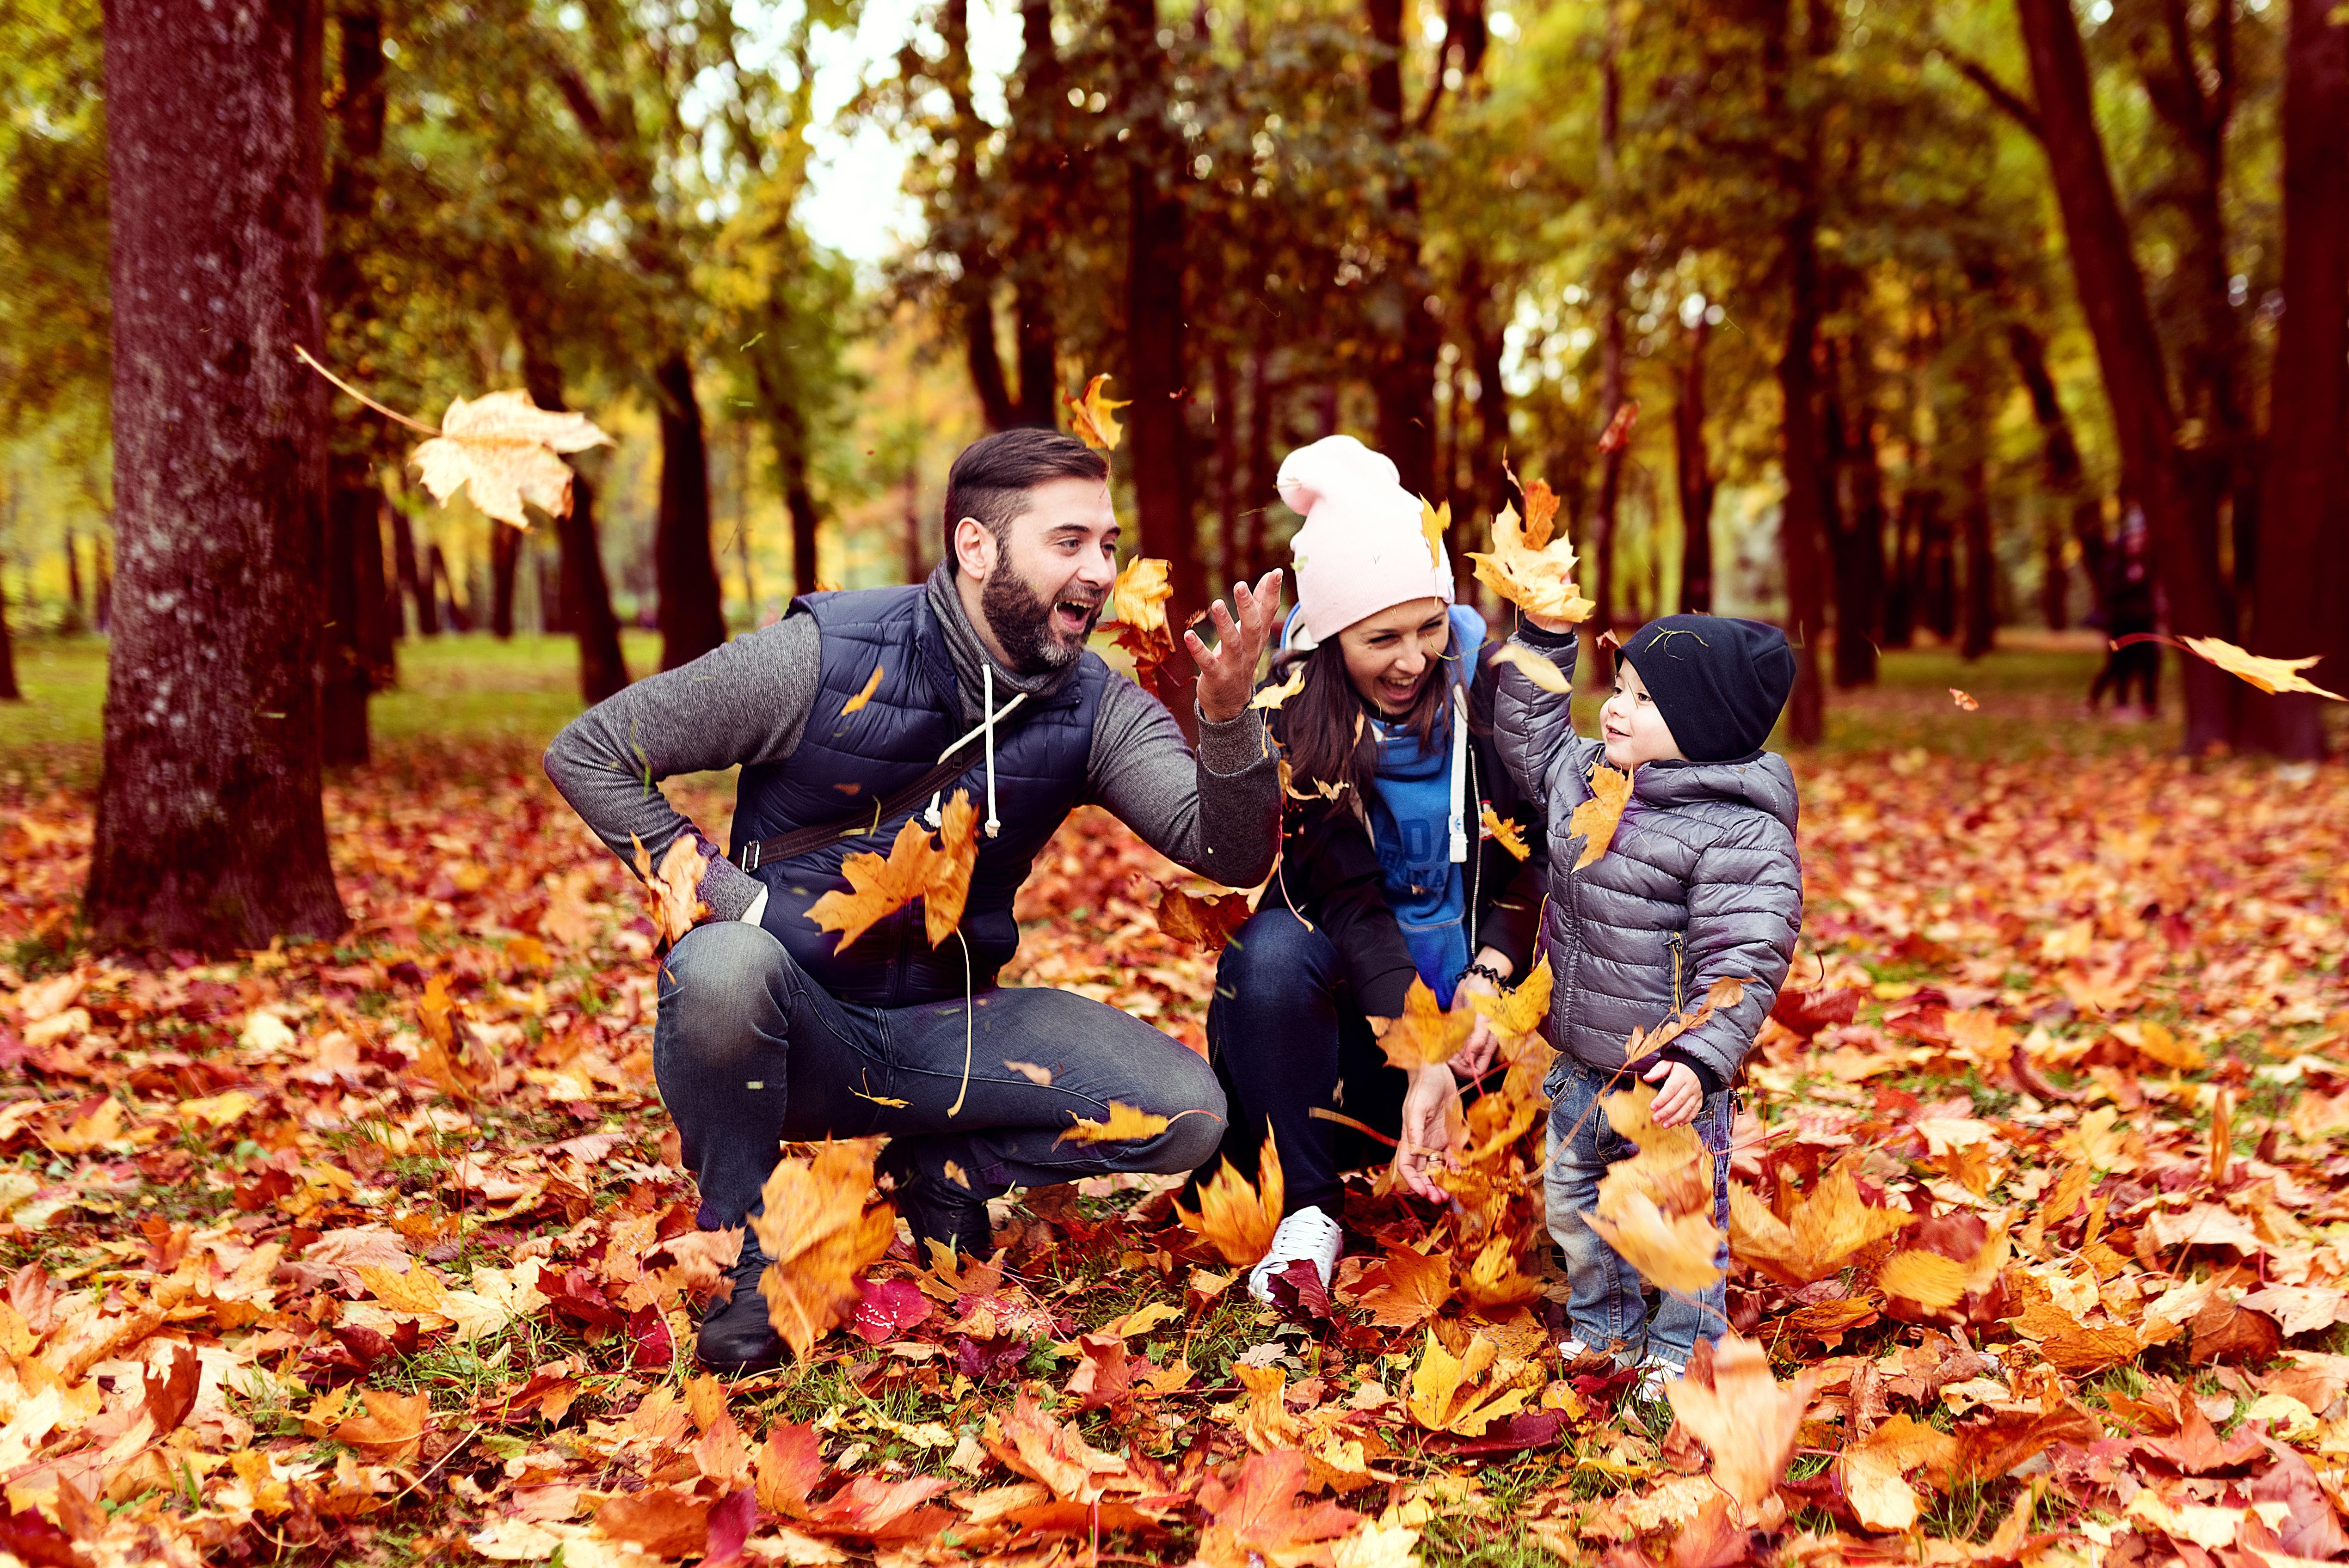 Прыгайте в листьях